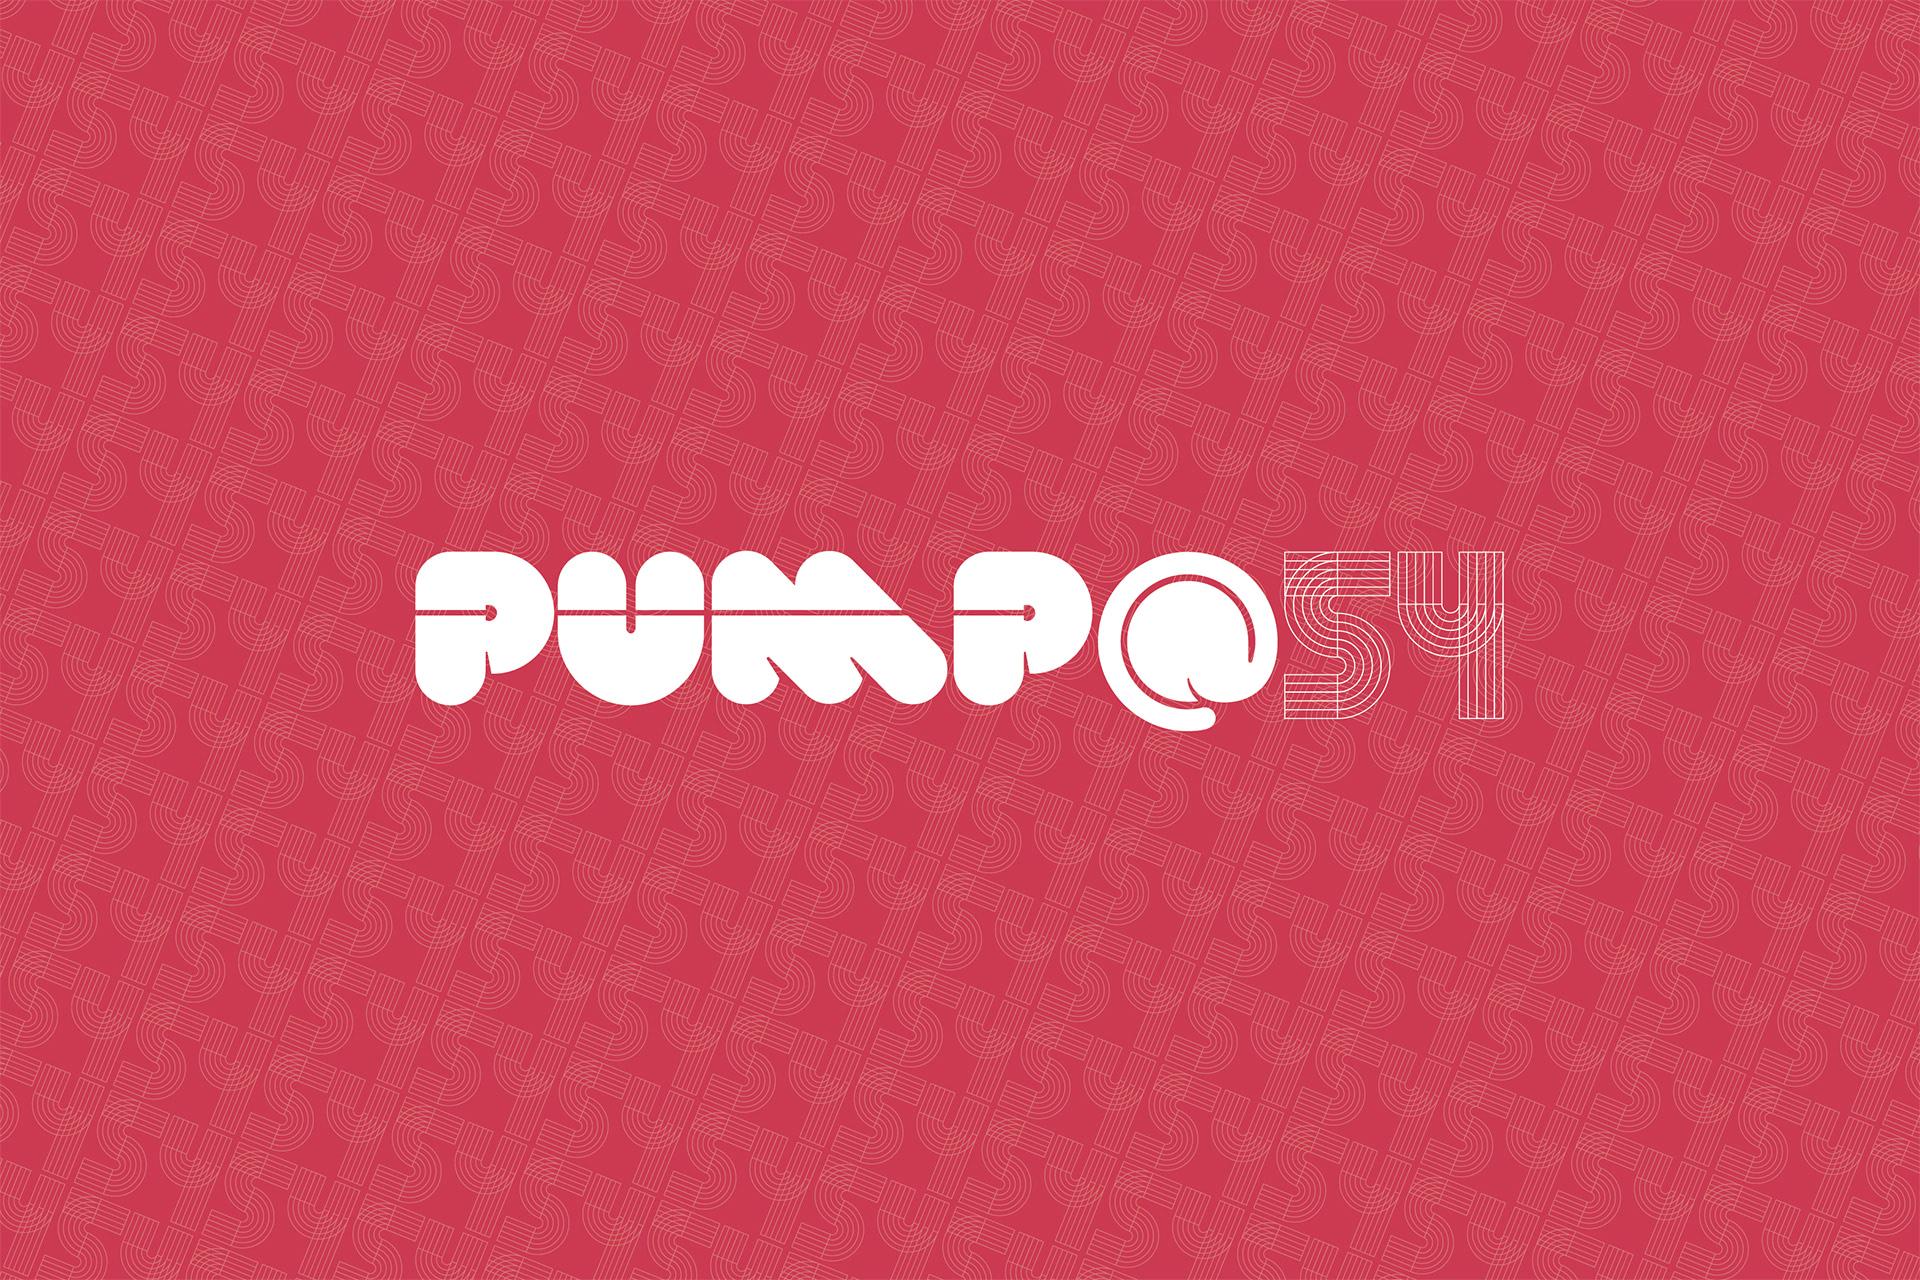 PUMP@54_O